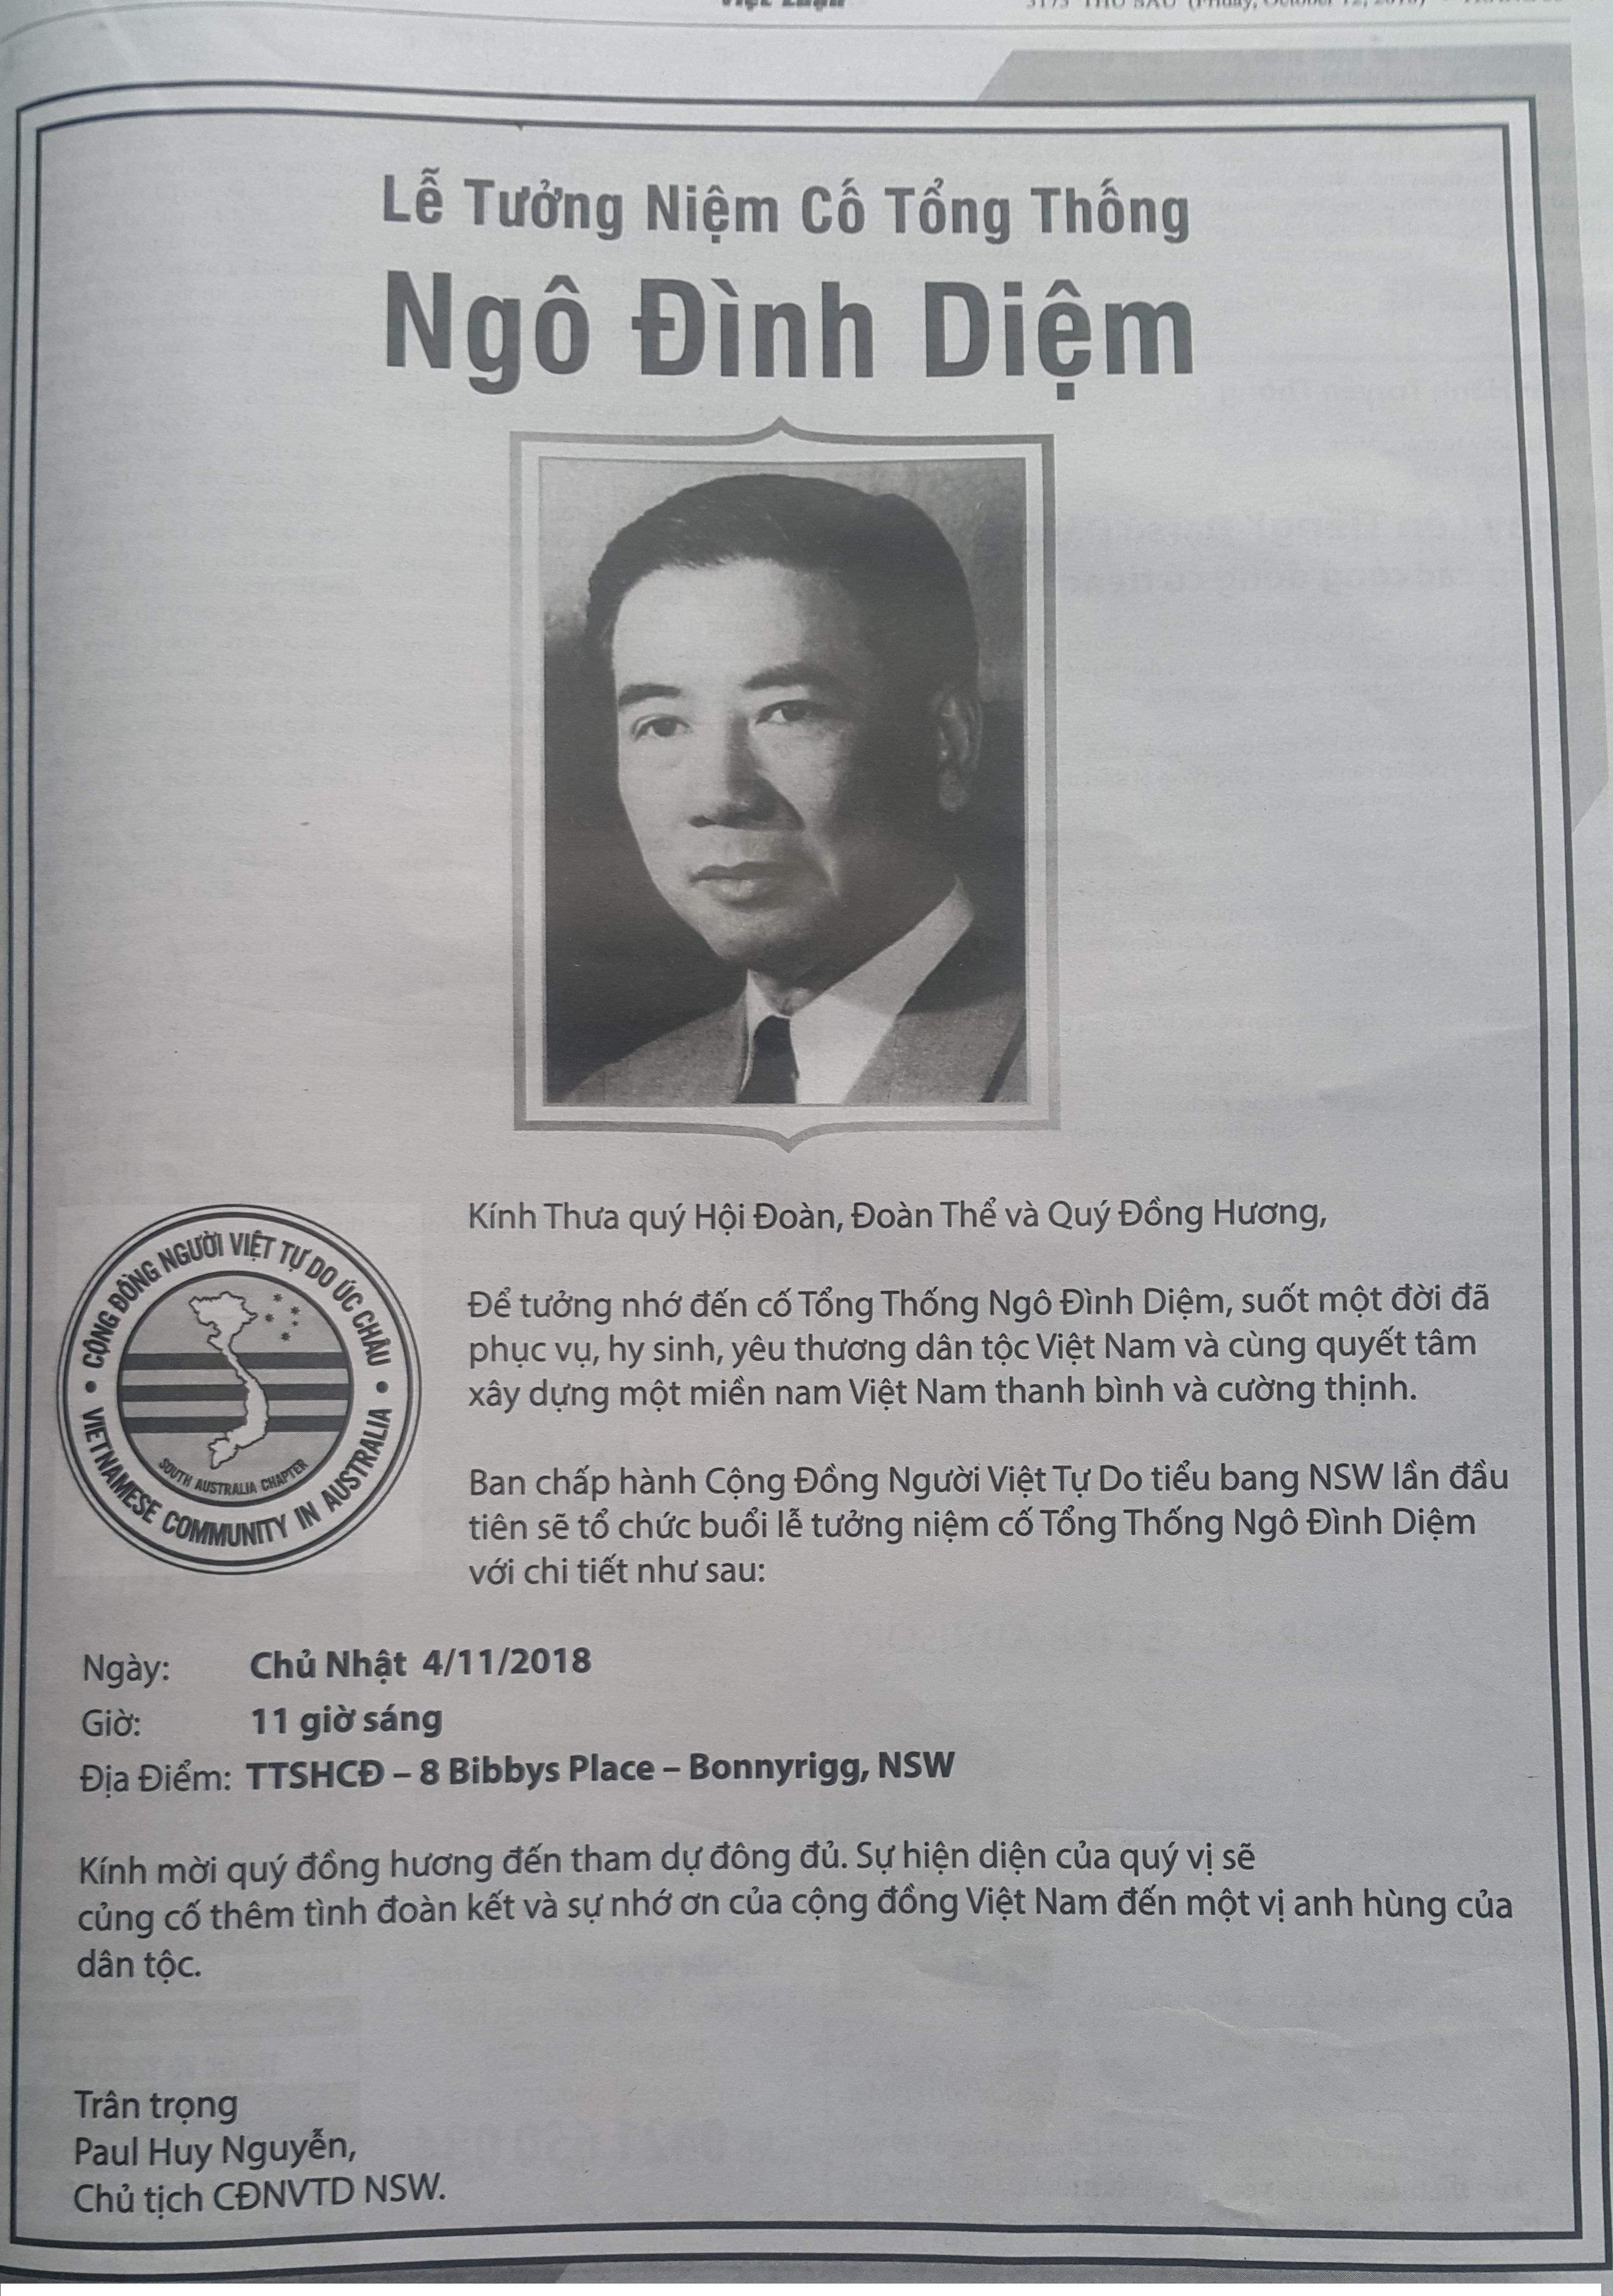 Lễ tưởng-niệm cố Tổng thống Ngô-đình-Diệm